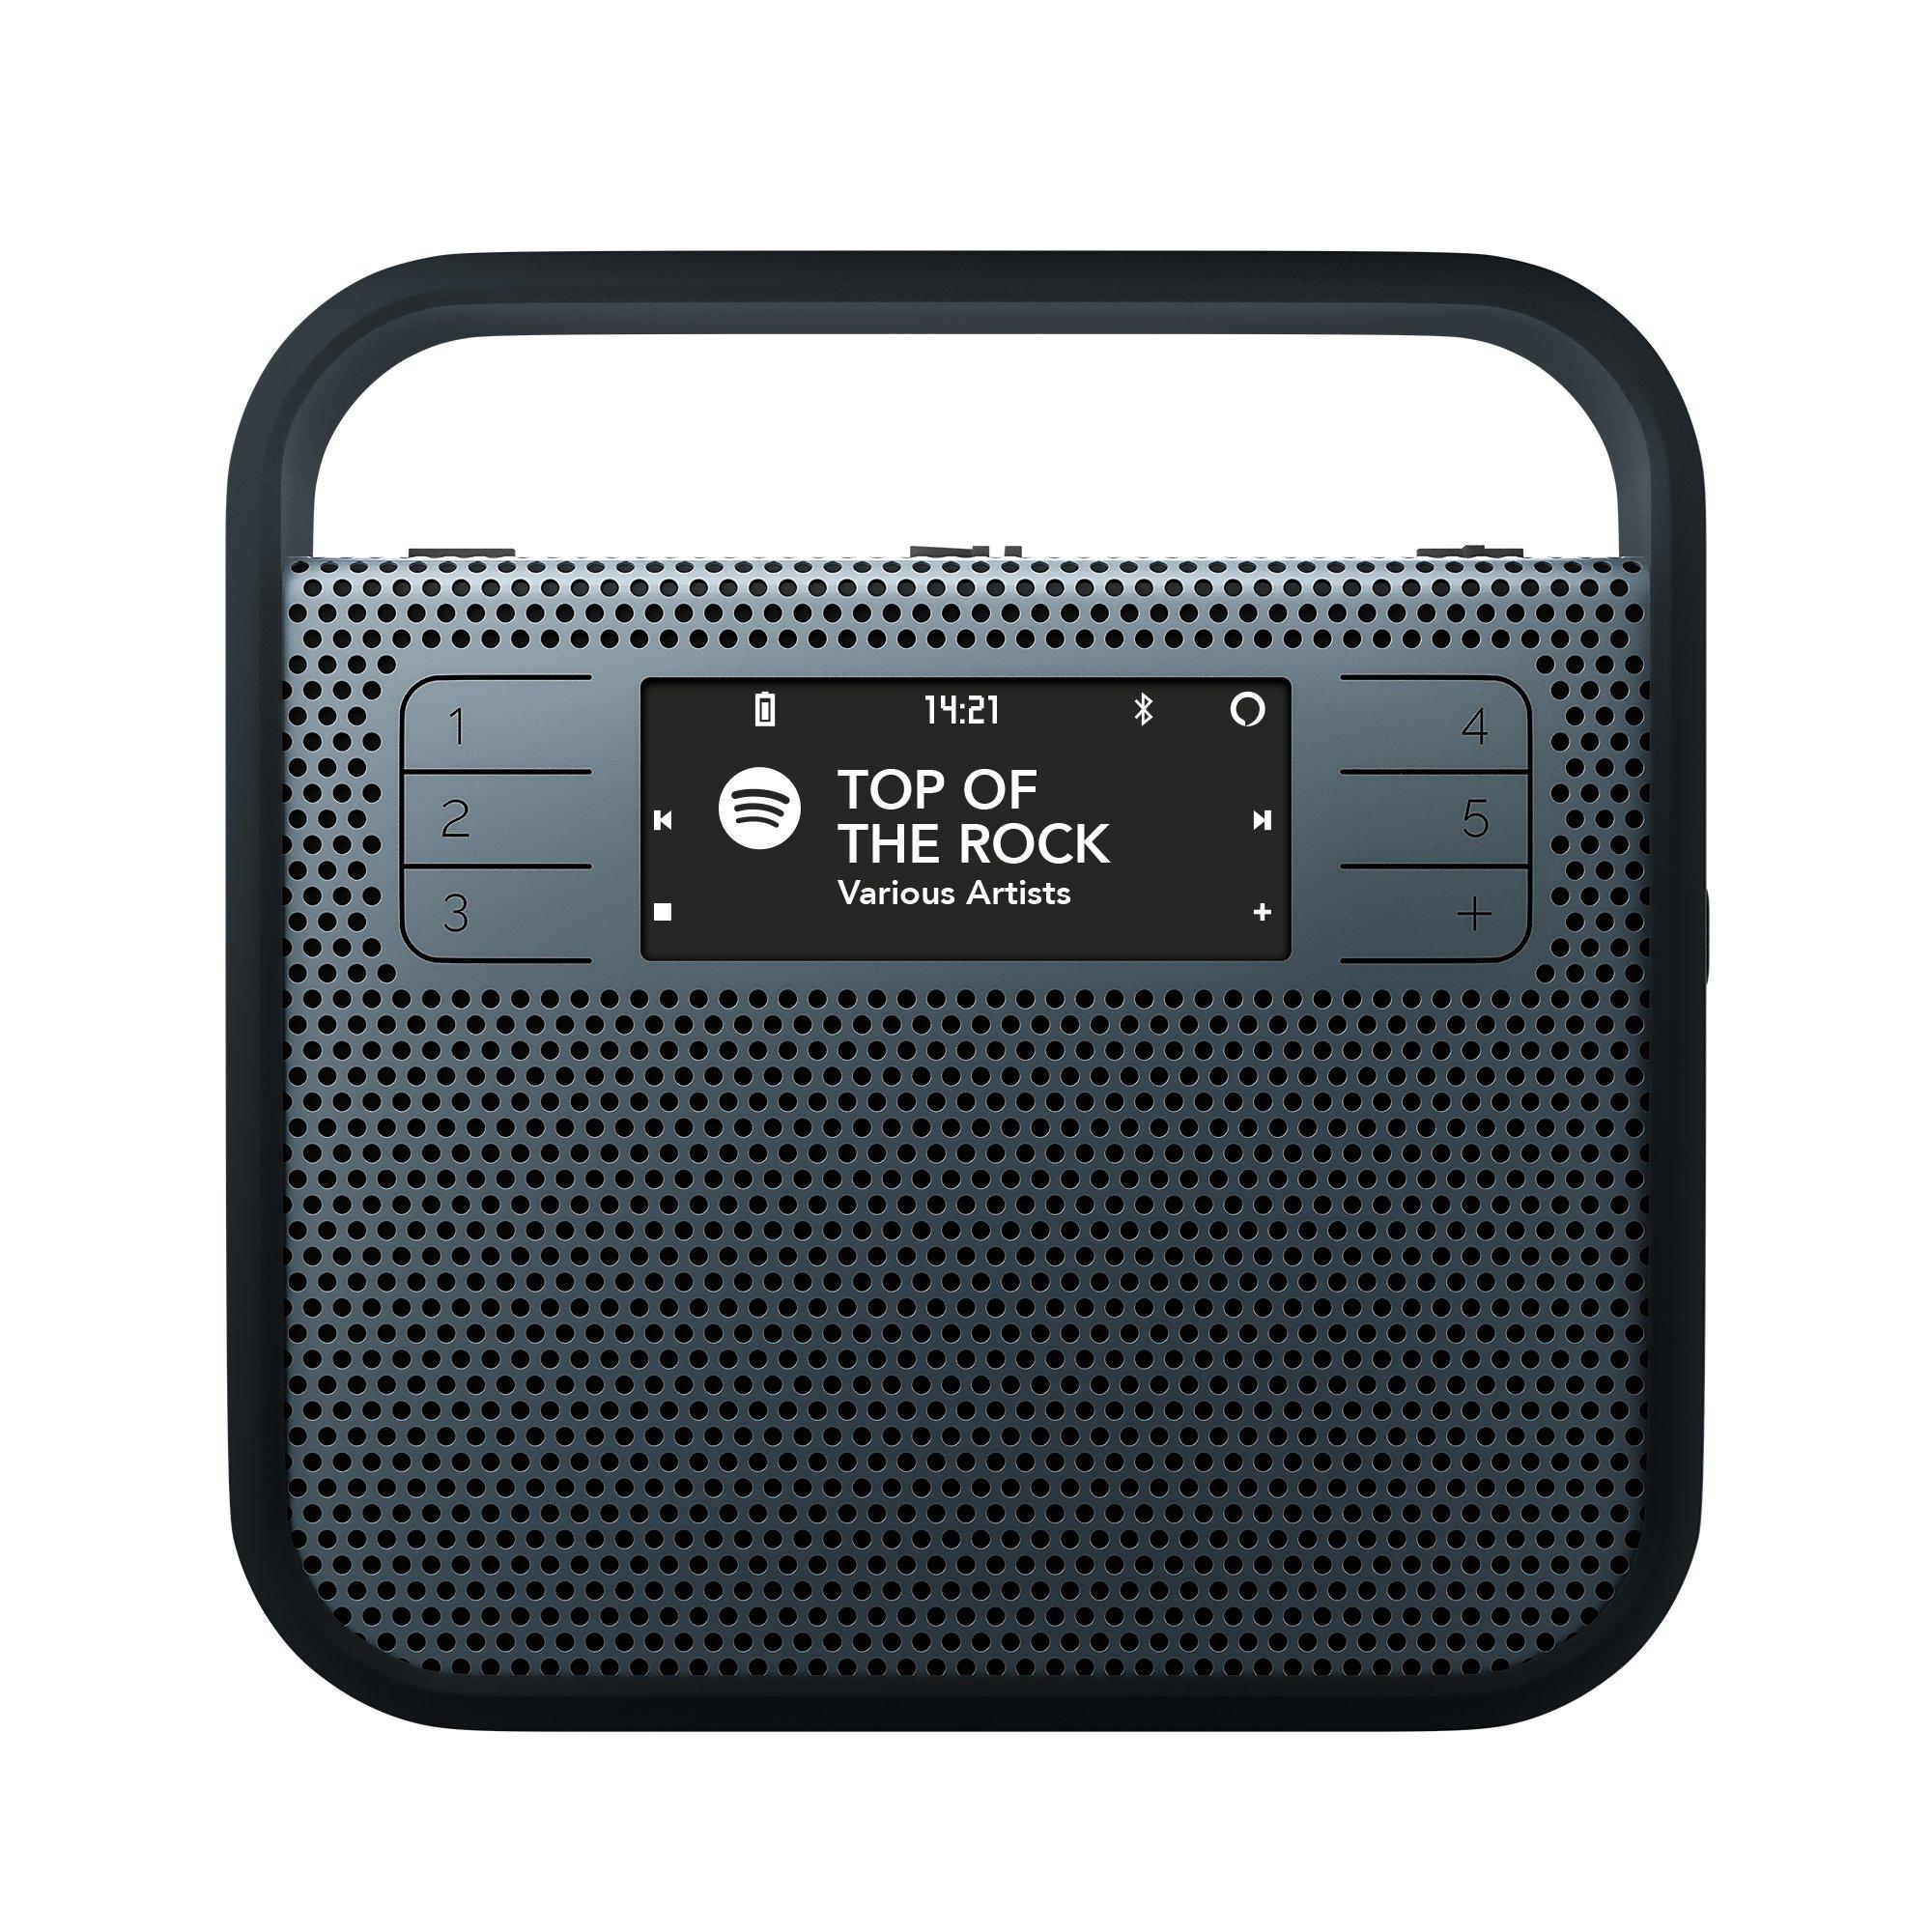 Triby enceinte portable avec Amazon Alexa et HomeKit